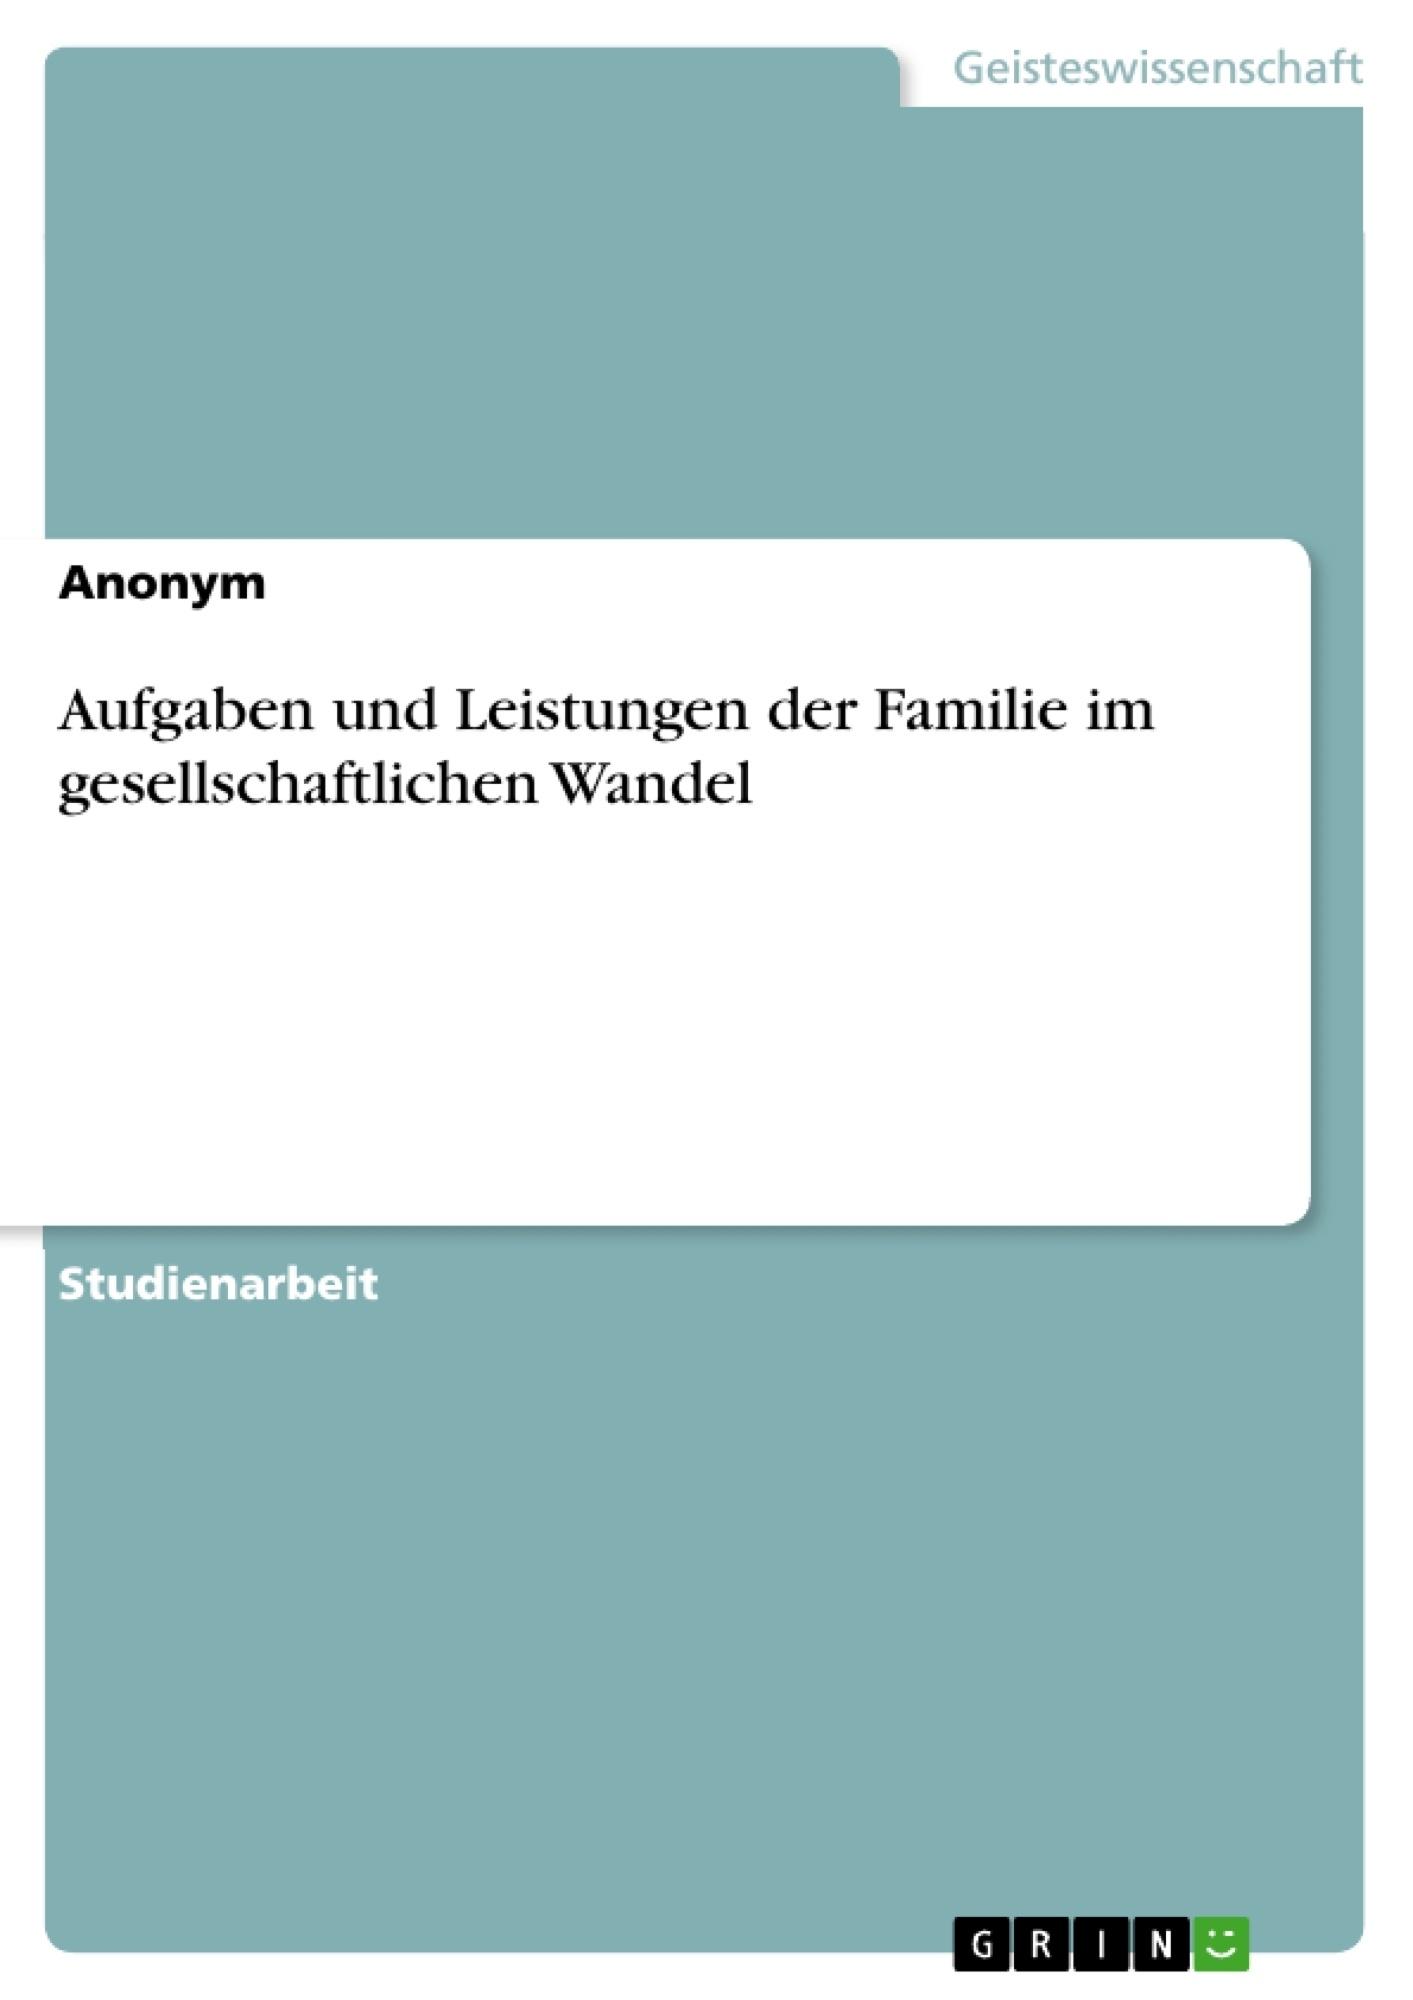 Titel: Aufgaben und Leistungen der Familie im gesellschaftlichen Wandel